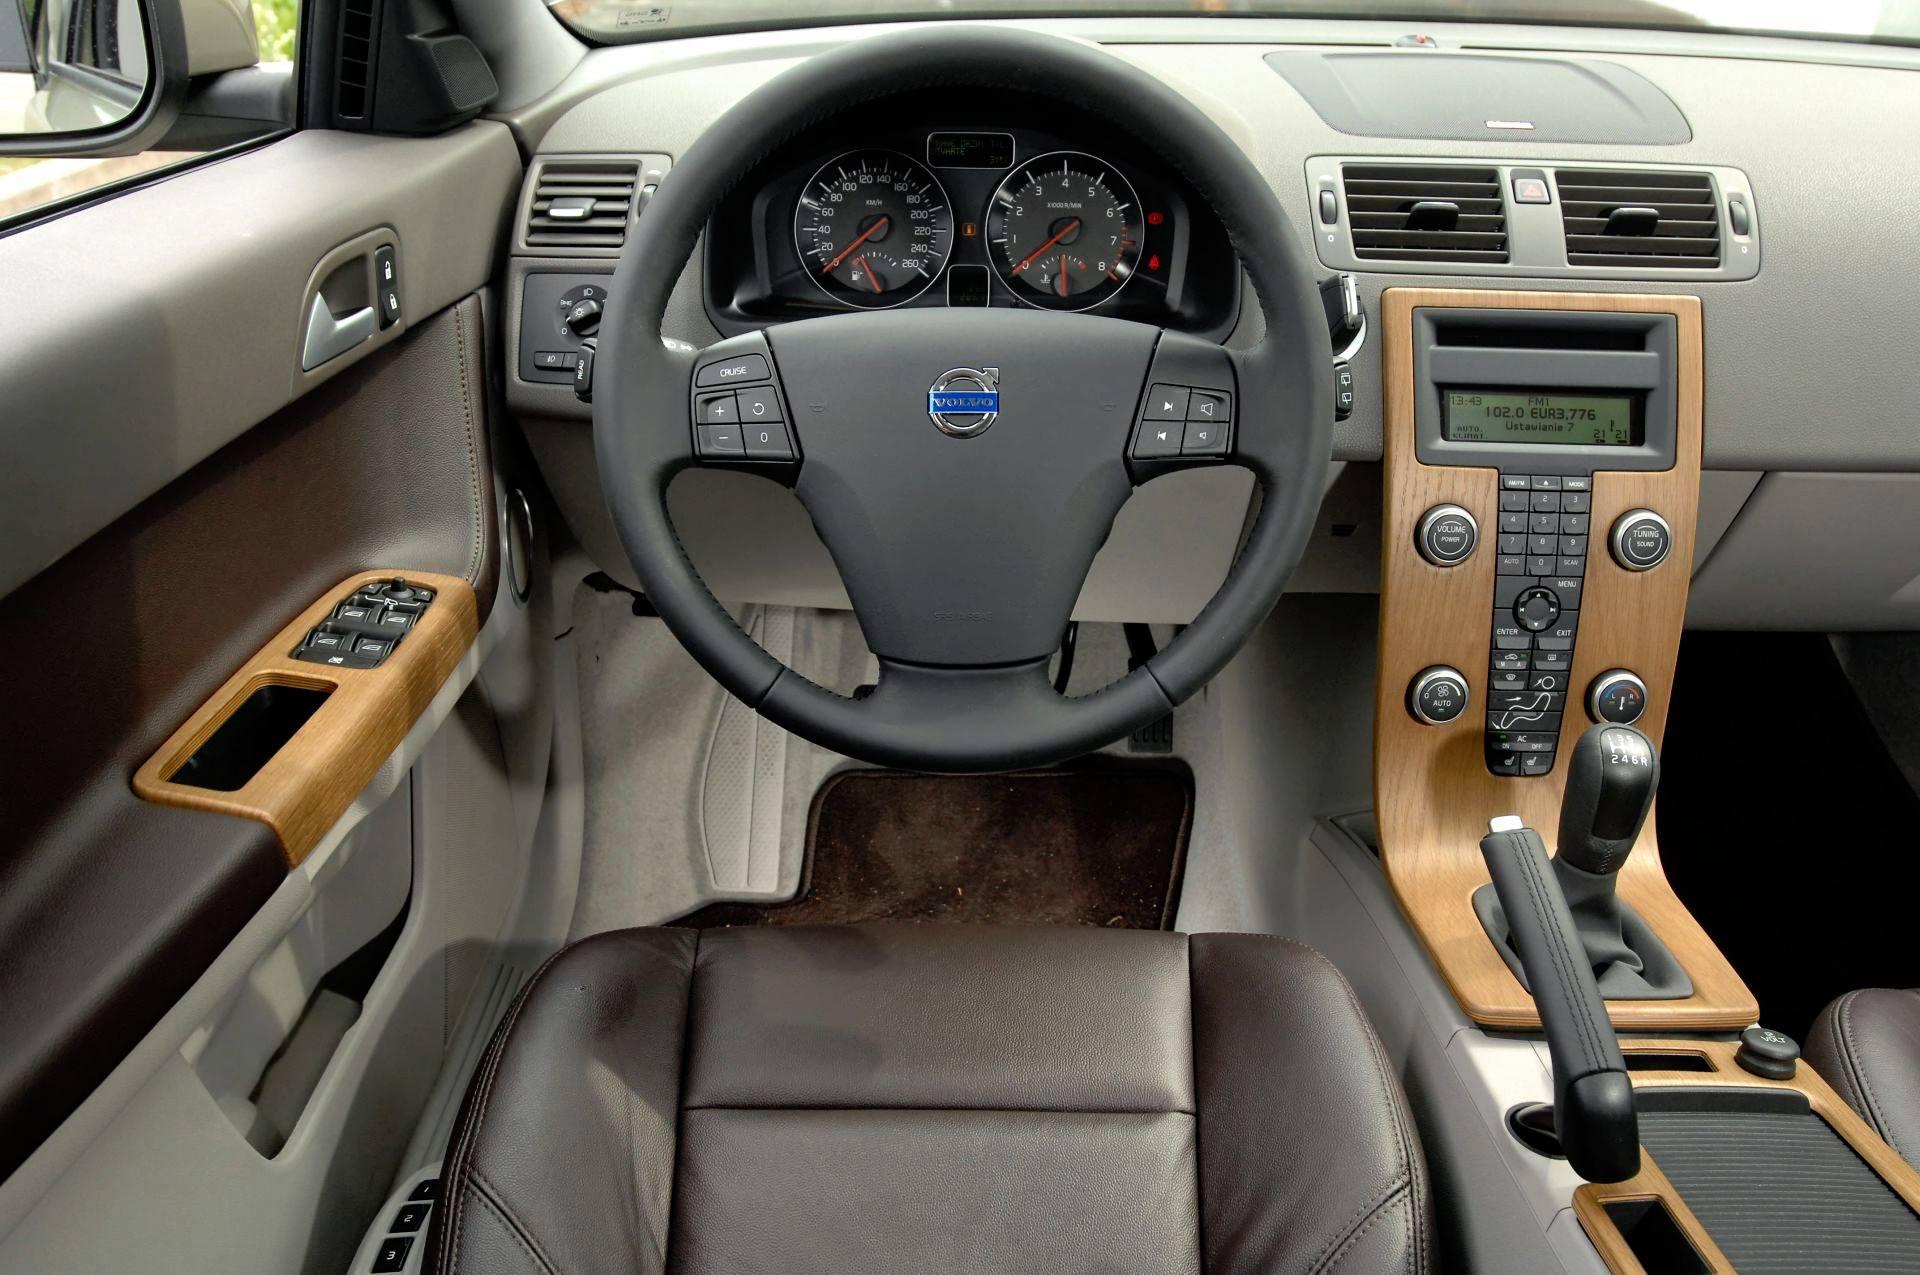 Chwalebne Używane Volvo V50 (2004-2012) – opinie, spalanie, typowe usterki HN86